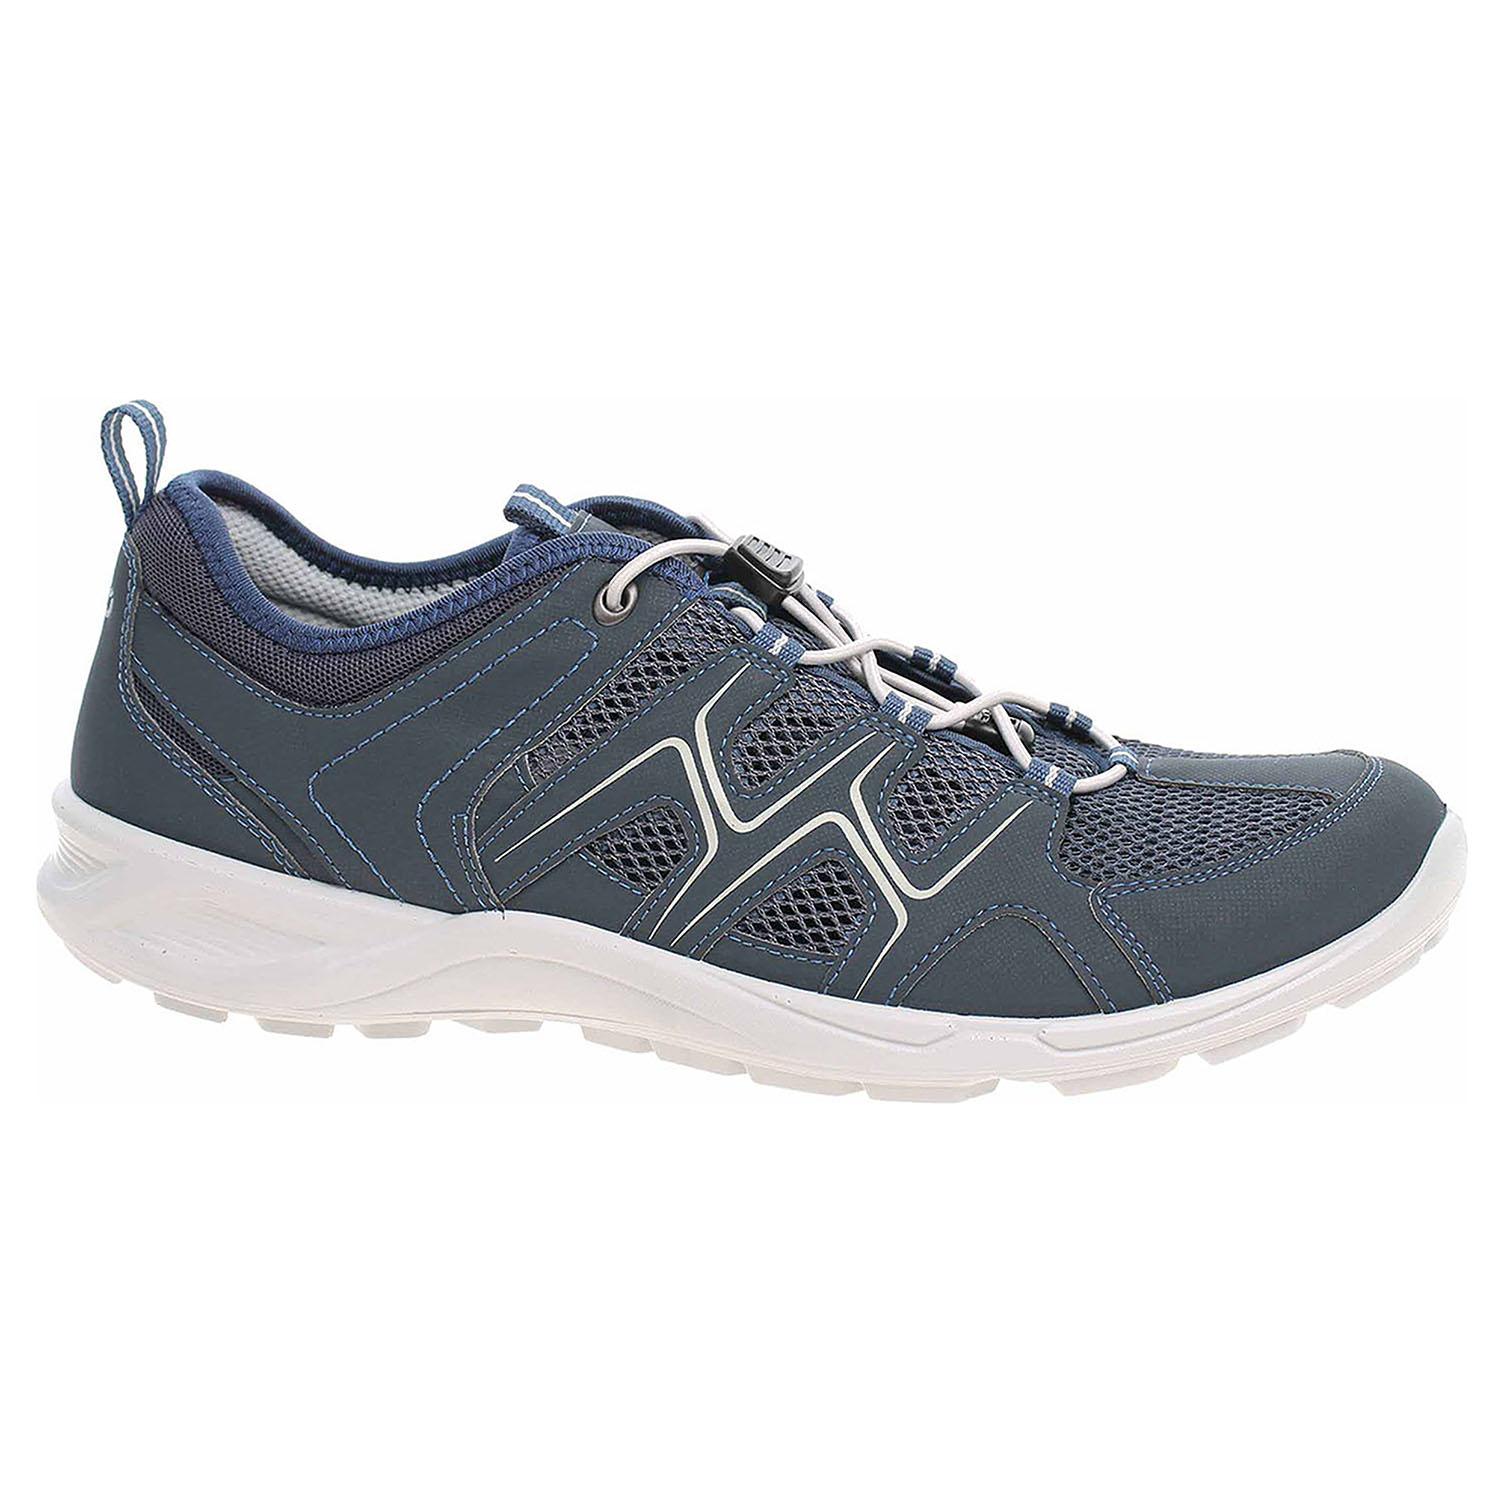 Pánská obuv Ecco 82577451406 marine-concrete 82577451406 46